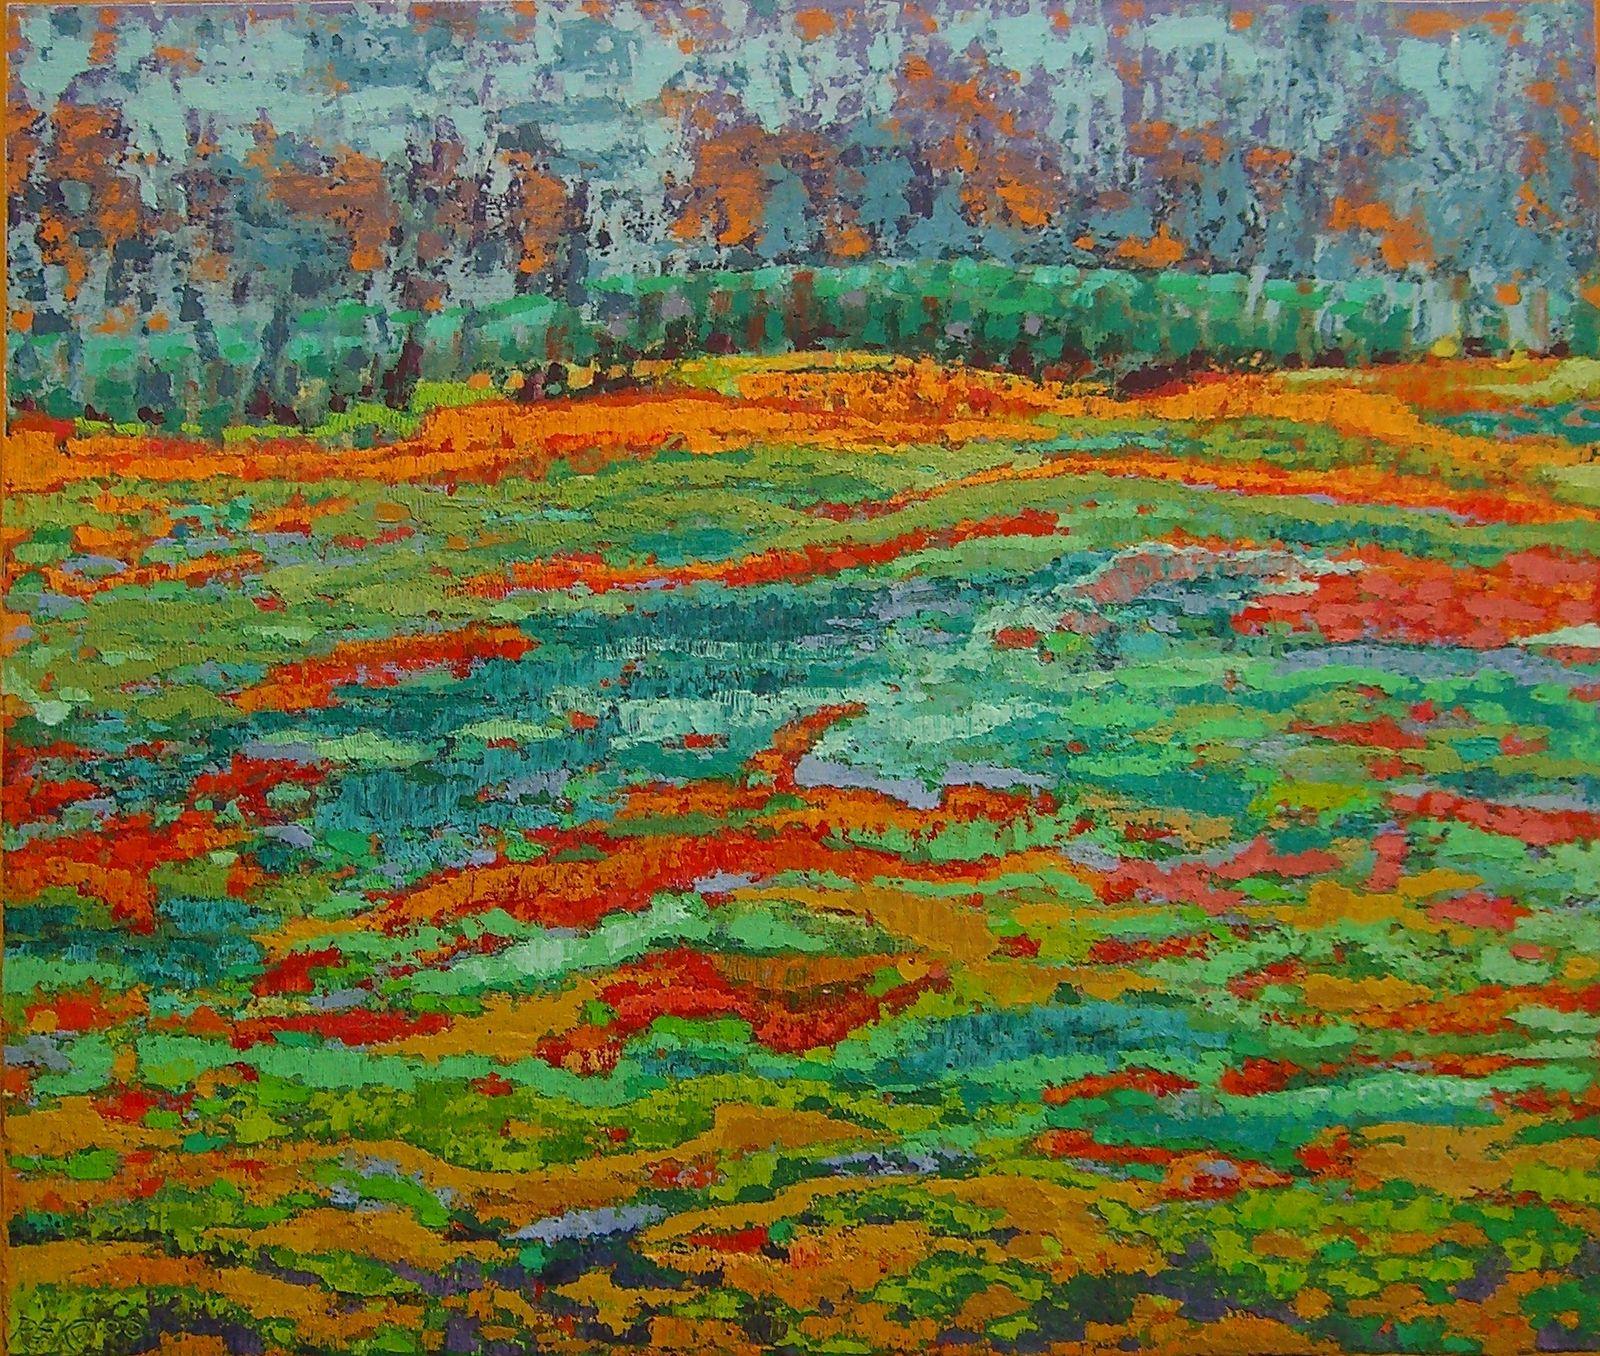 Moorlandschaft, 2000, Ako-Spachtel, 56x66 cm